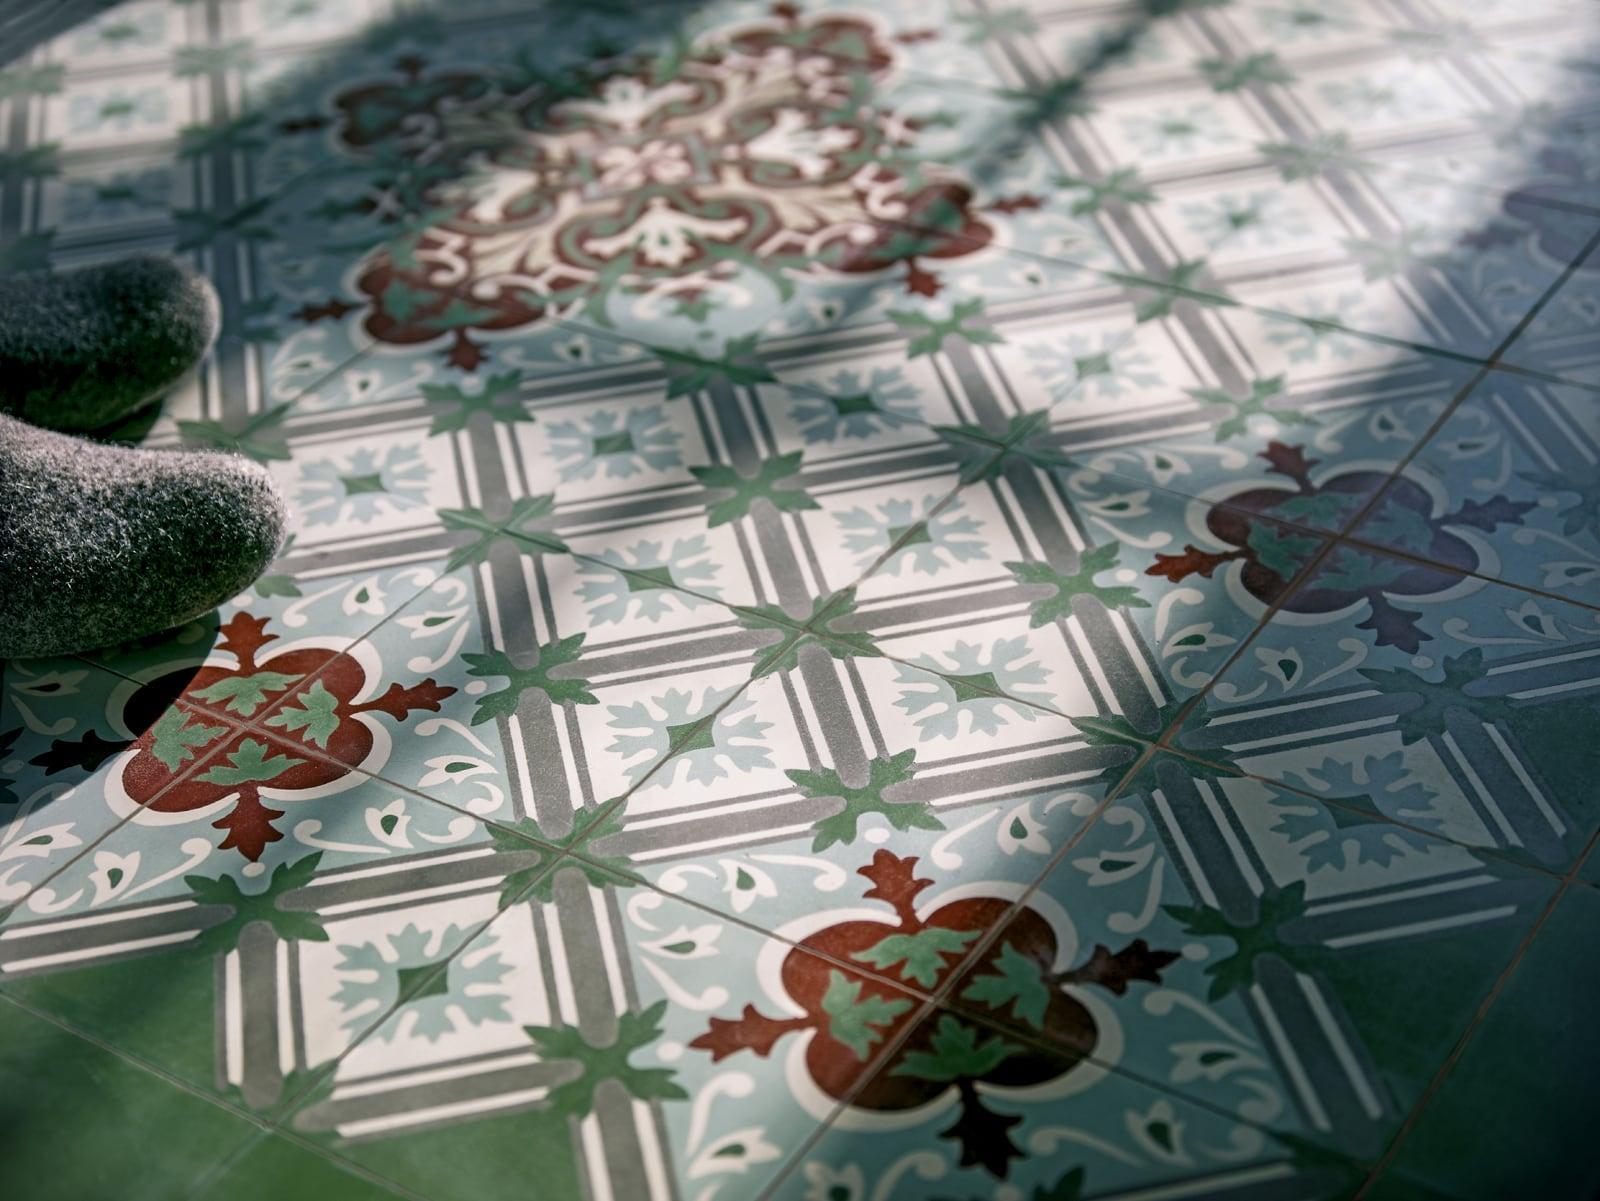 zementfliesen-VIA Platten-52007 | 53007/141